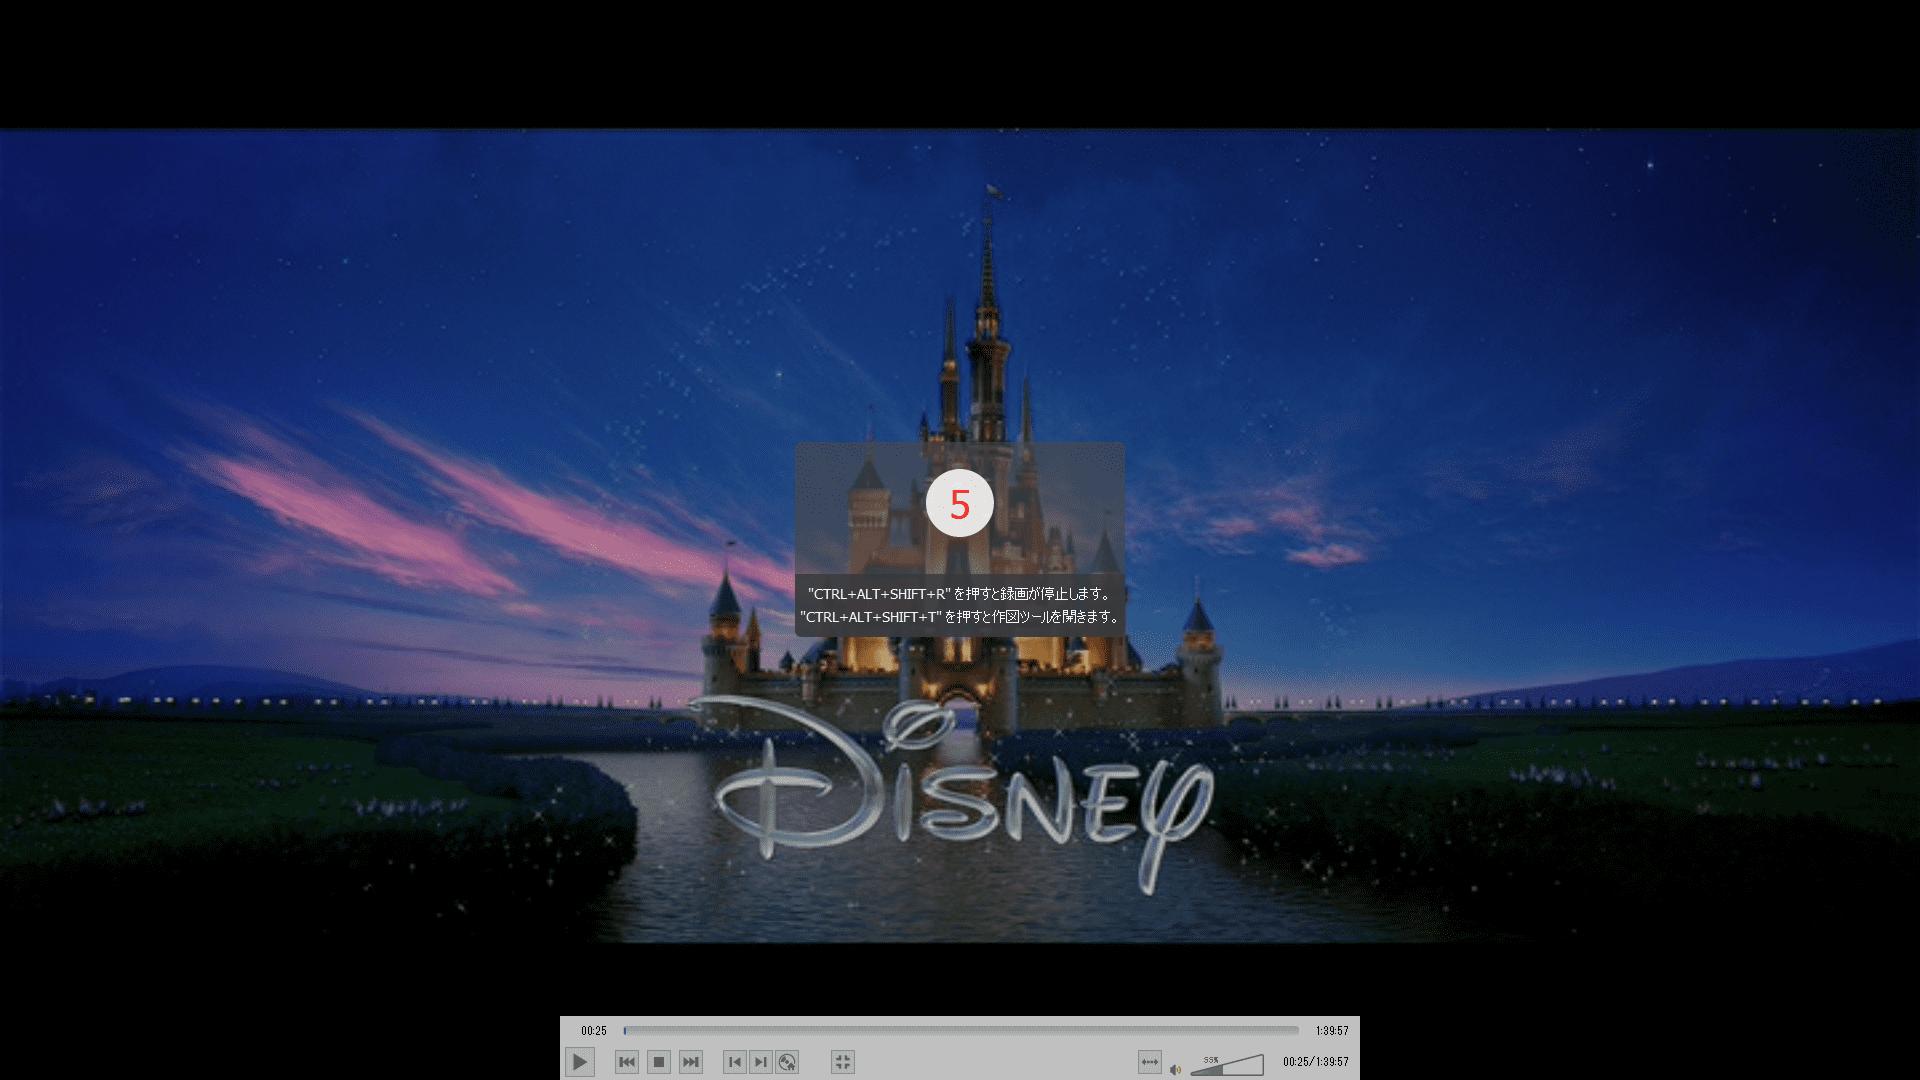 【DVDの合法的コピー方法】リッピング・データ変換の必要なし!コピーガード解除しない完全合法でDVD動画データをPC保存する方法|VideoProcで簡単保存|DVDコンテンツを画面キャプチャーする方法:DVDの動画を画面録画する:すると撮影のカウントダウンが始まるので、カウントに合わせてメディアプレイヤー側の再生ボタンを押しましょう。 あとは動画が終わるまでしばらくそのまま放っておきましょう。